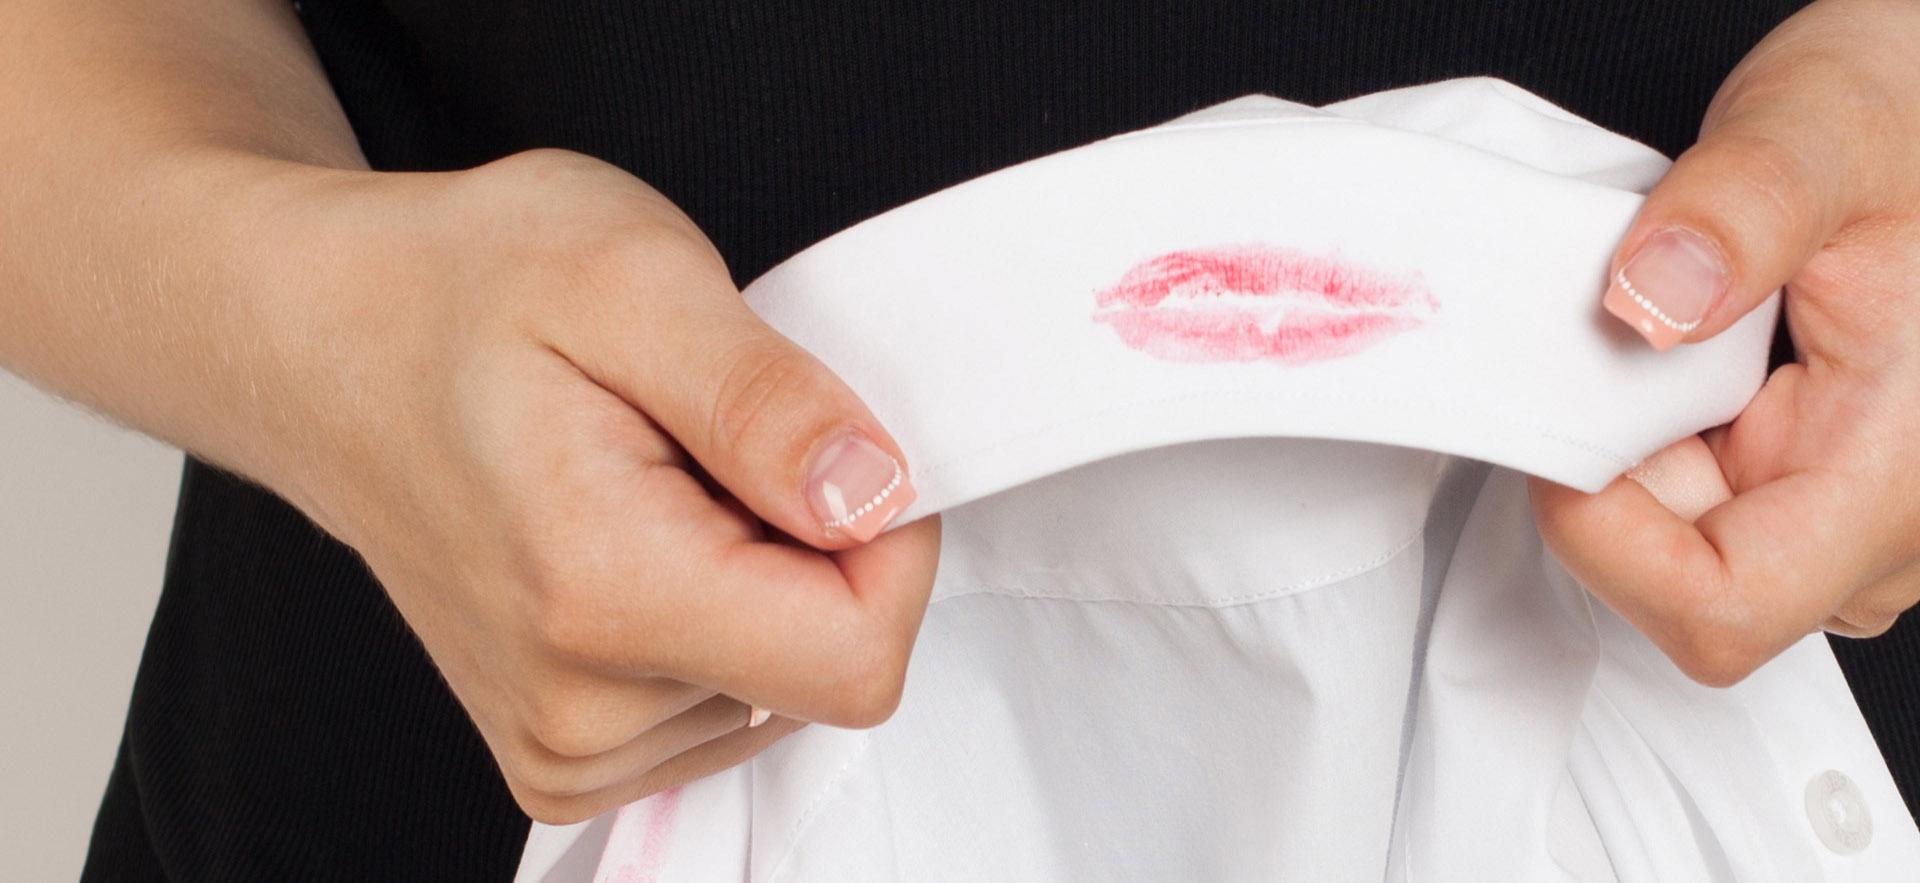 Schmink En Make Up Vlekken Verwijderen Doet U Zo Ls Housekeeping